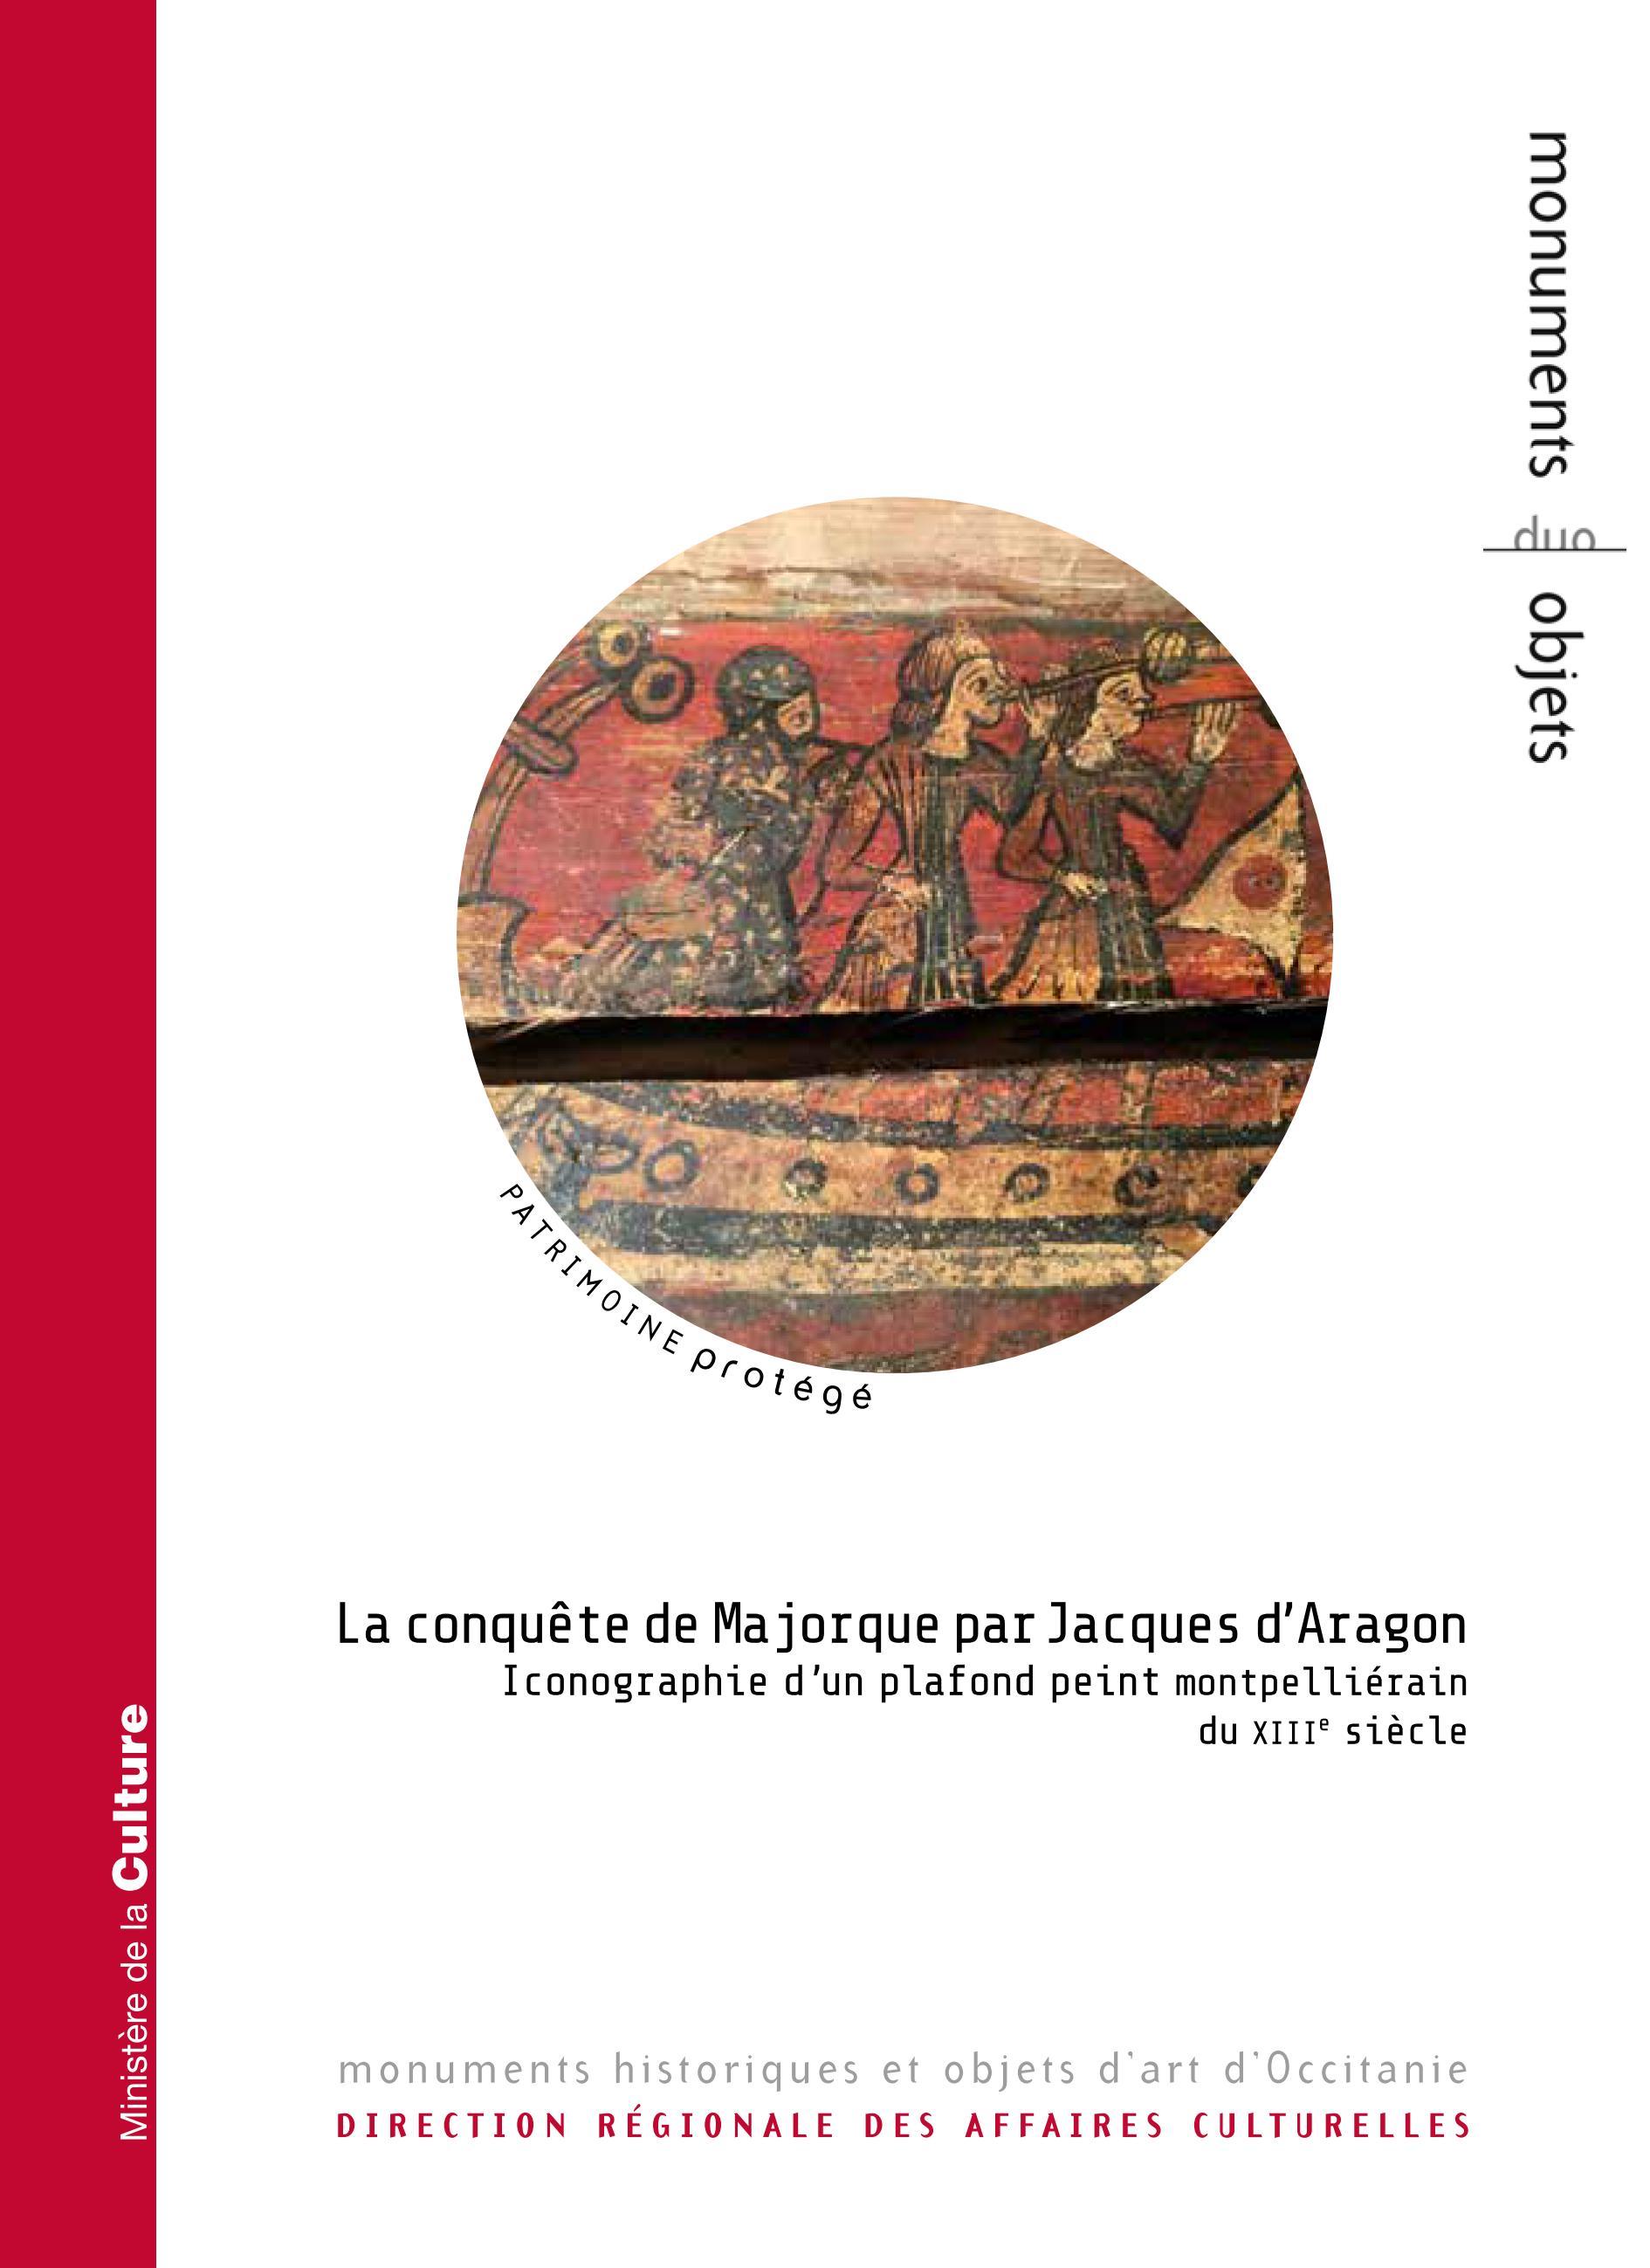 direct occitanie montpellier